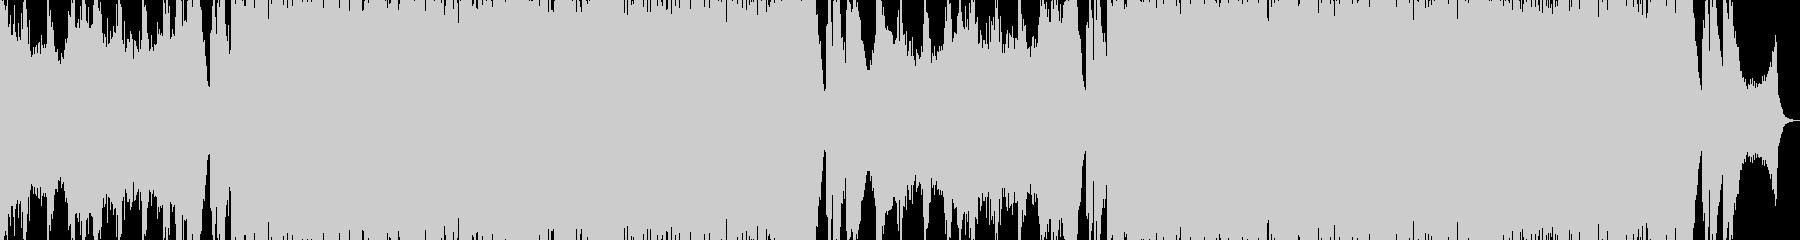 期待感を煽る壮大なエピック音楽の未再生の波形